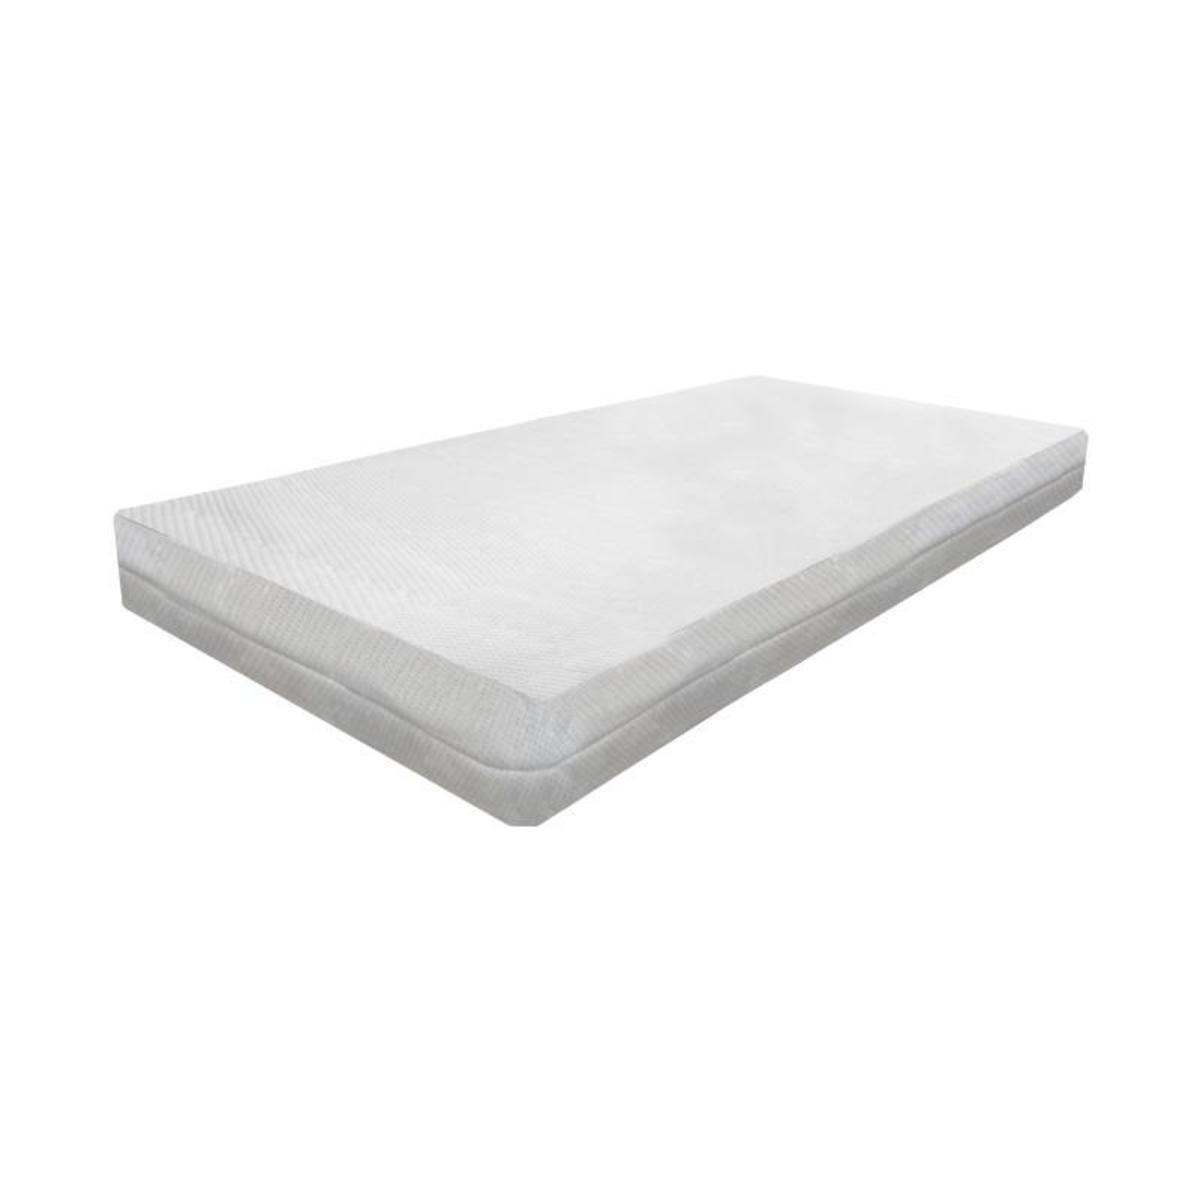 雙面護脊彈簧床褥 (0-4歲) (3個尺碼) - 大:120 x 60 x 14cm